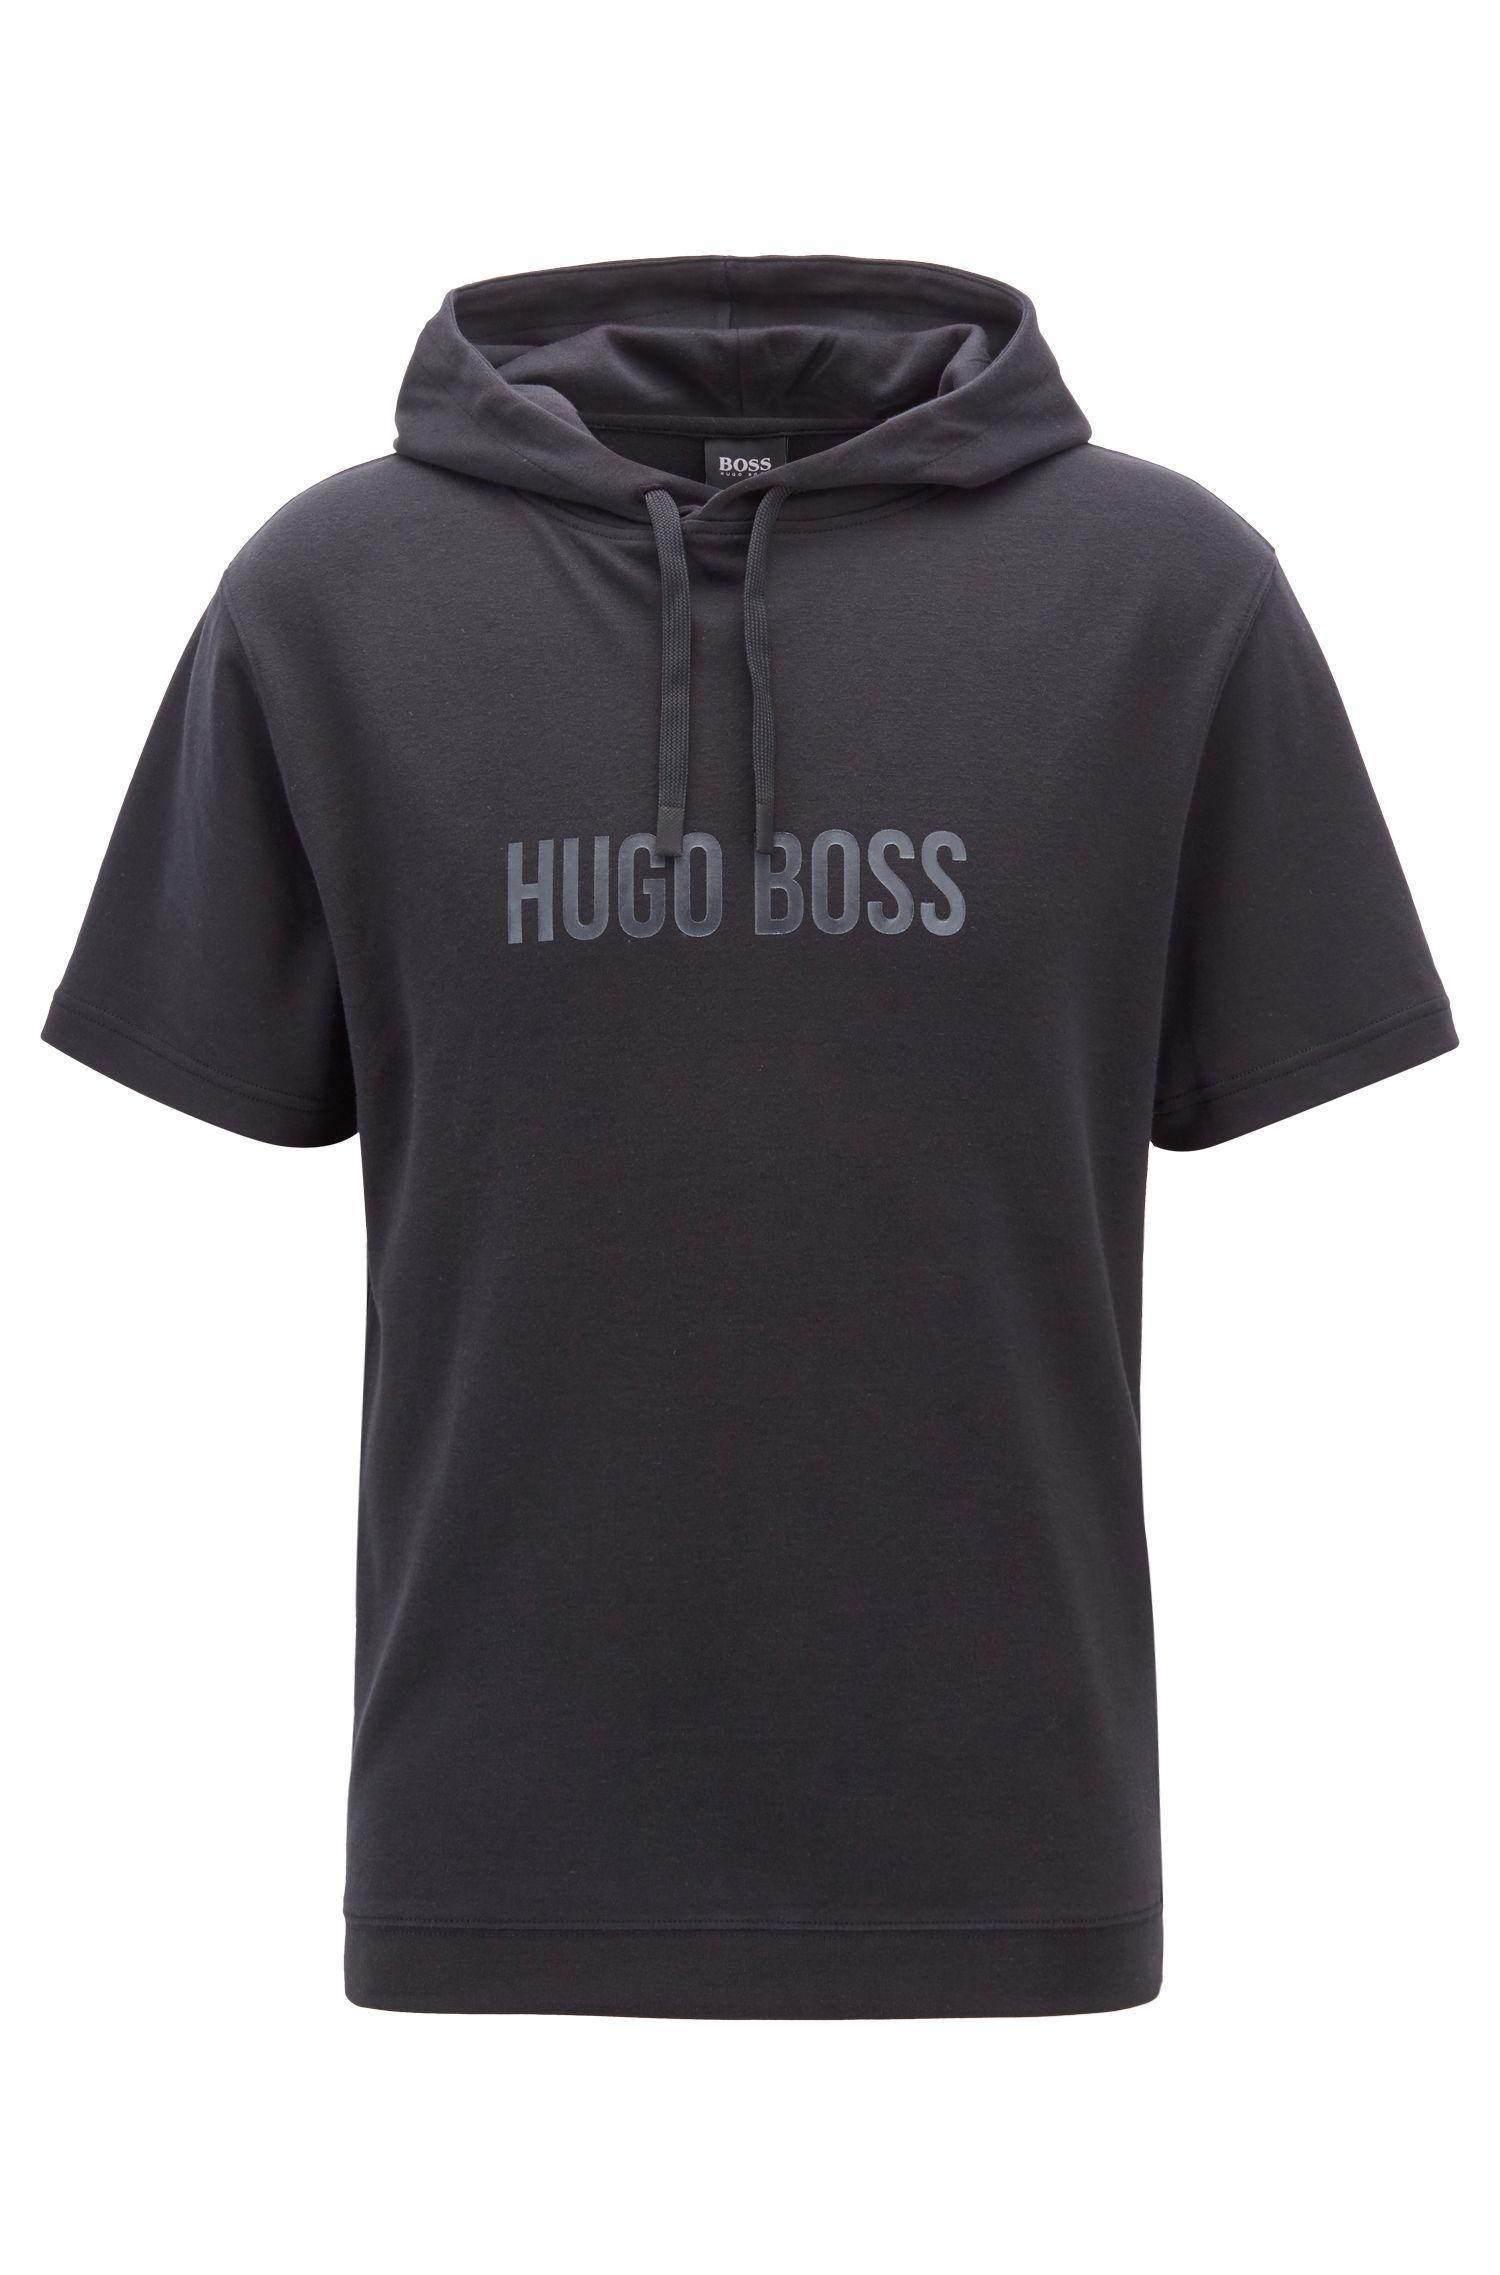 T-shirt d'intérieur à capuche en coton, avec imprimé logo brillant, Noir